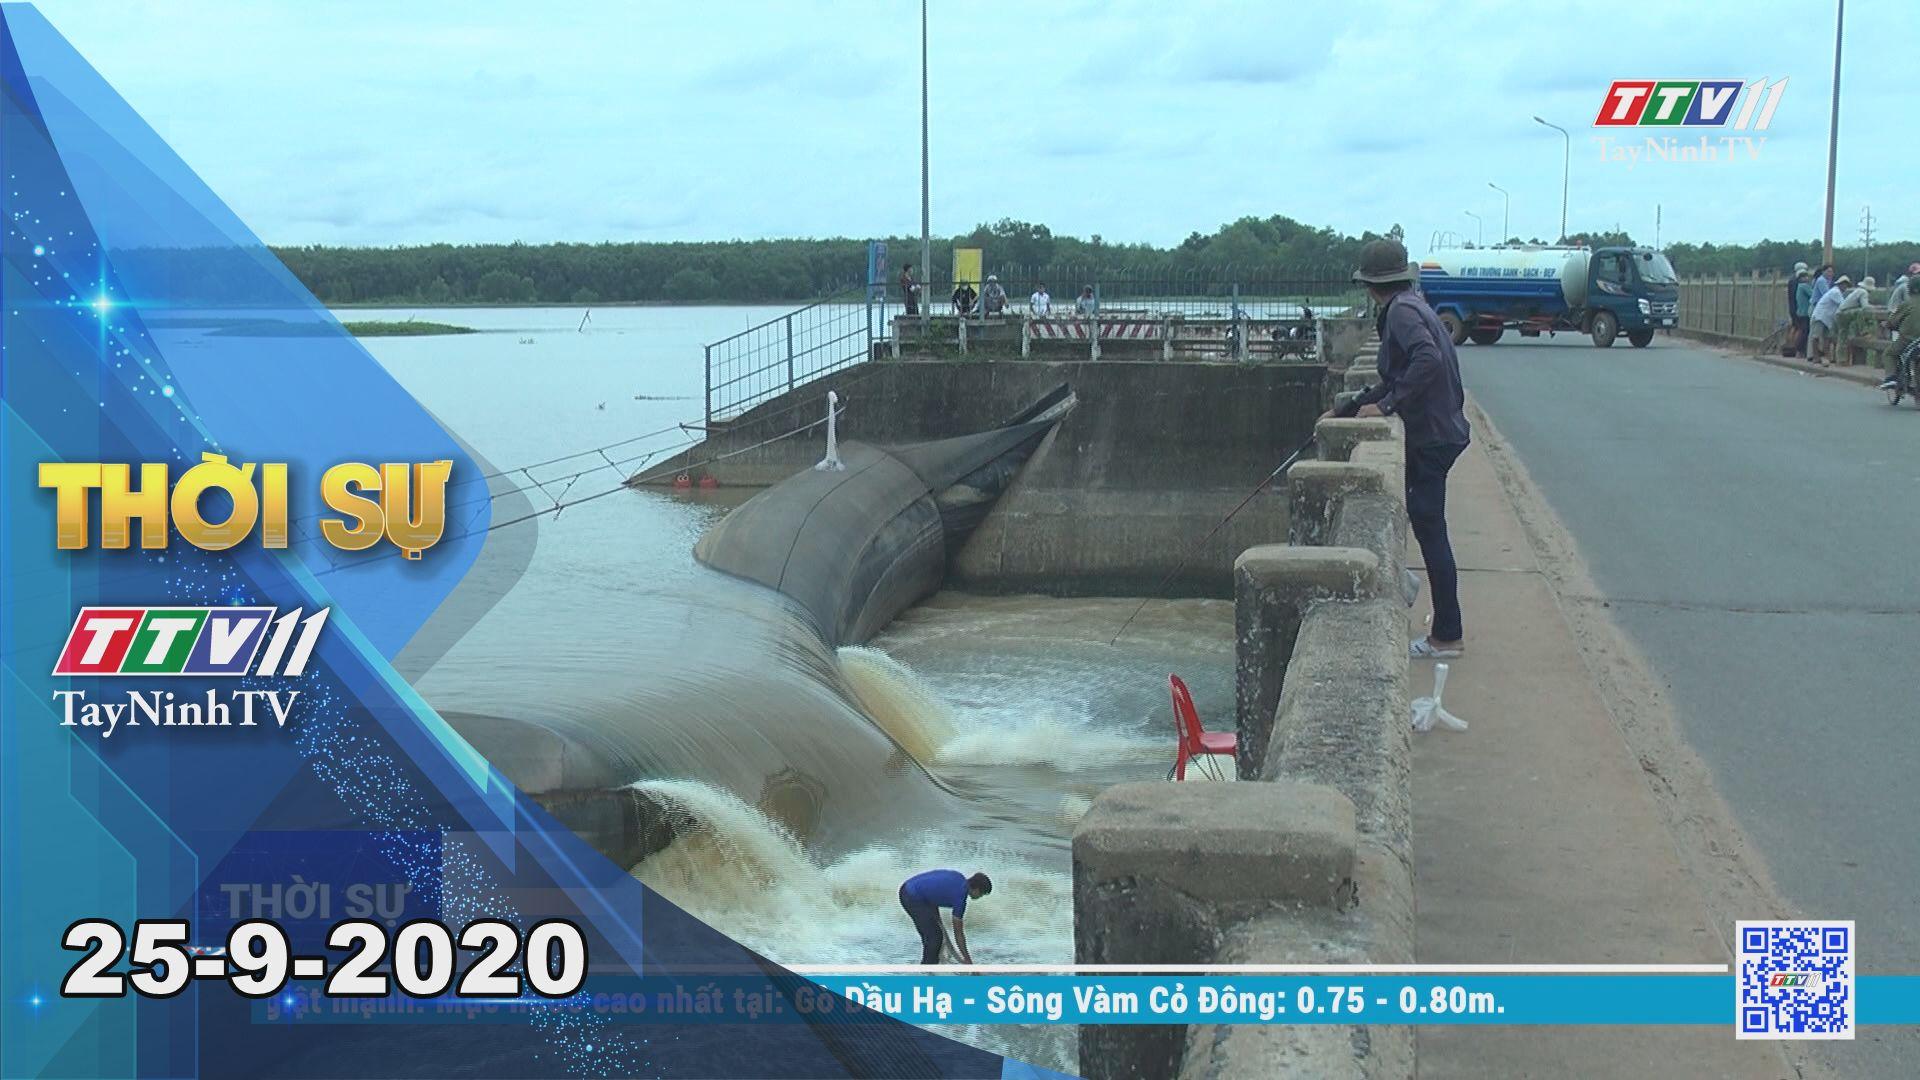 Thời sự Tây Ninh 25-9-2020 | Tin tức hôm nay | TayNinhTV